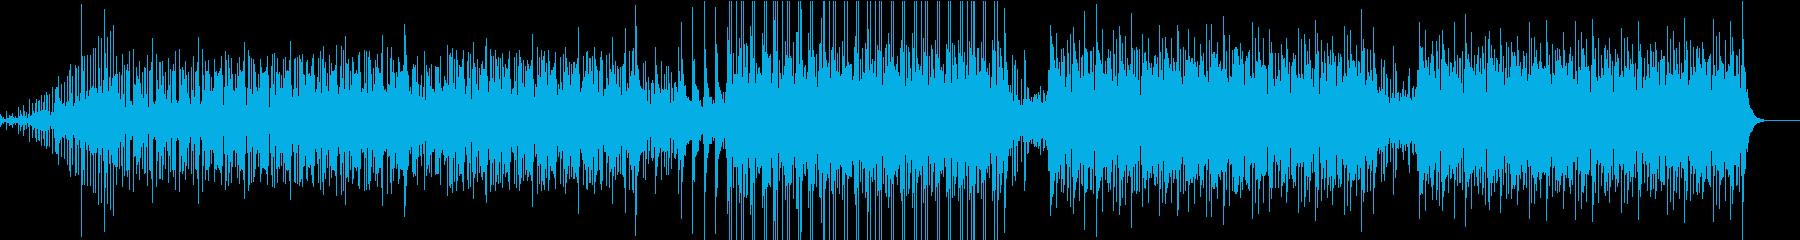 パーカス&シンセワンコード 戦闘前ダンスの再生済みの波形